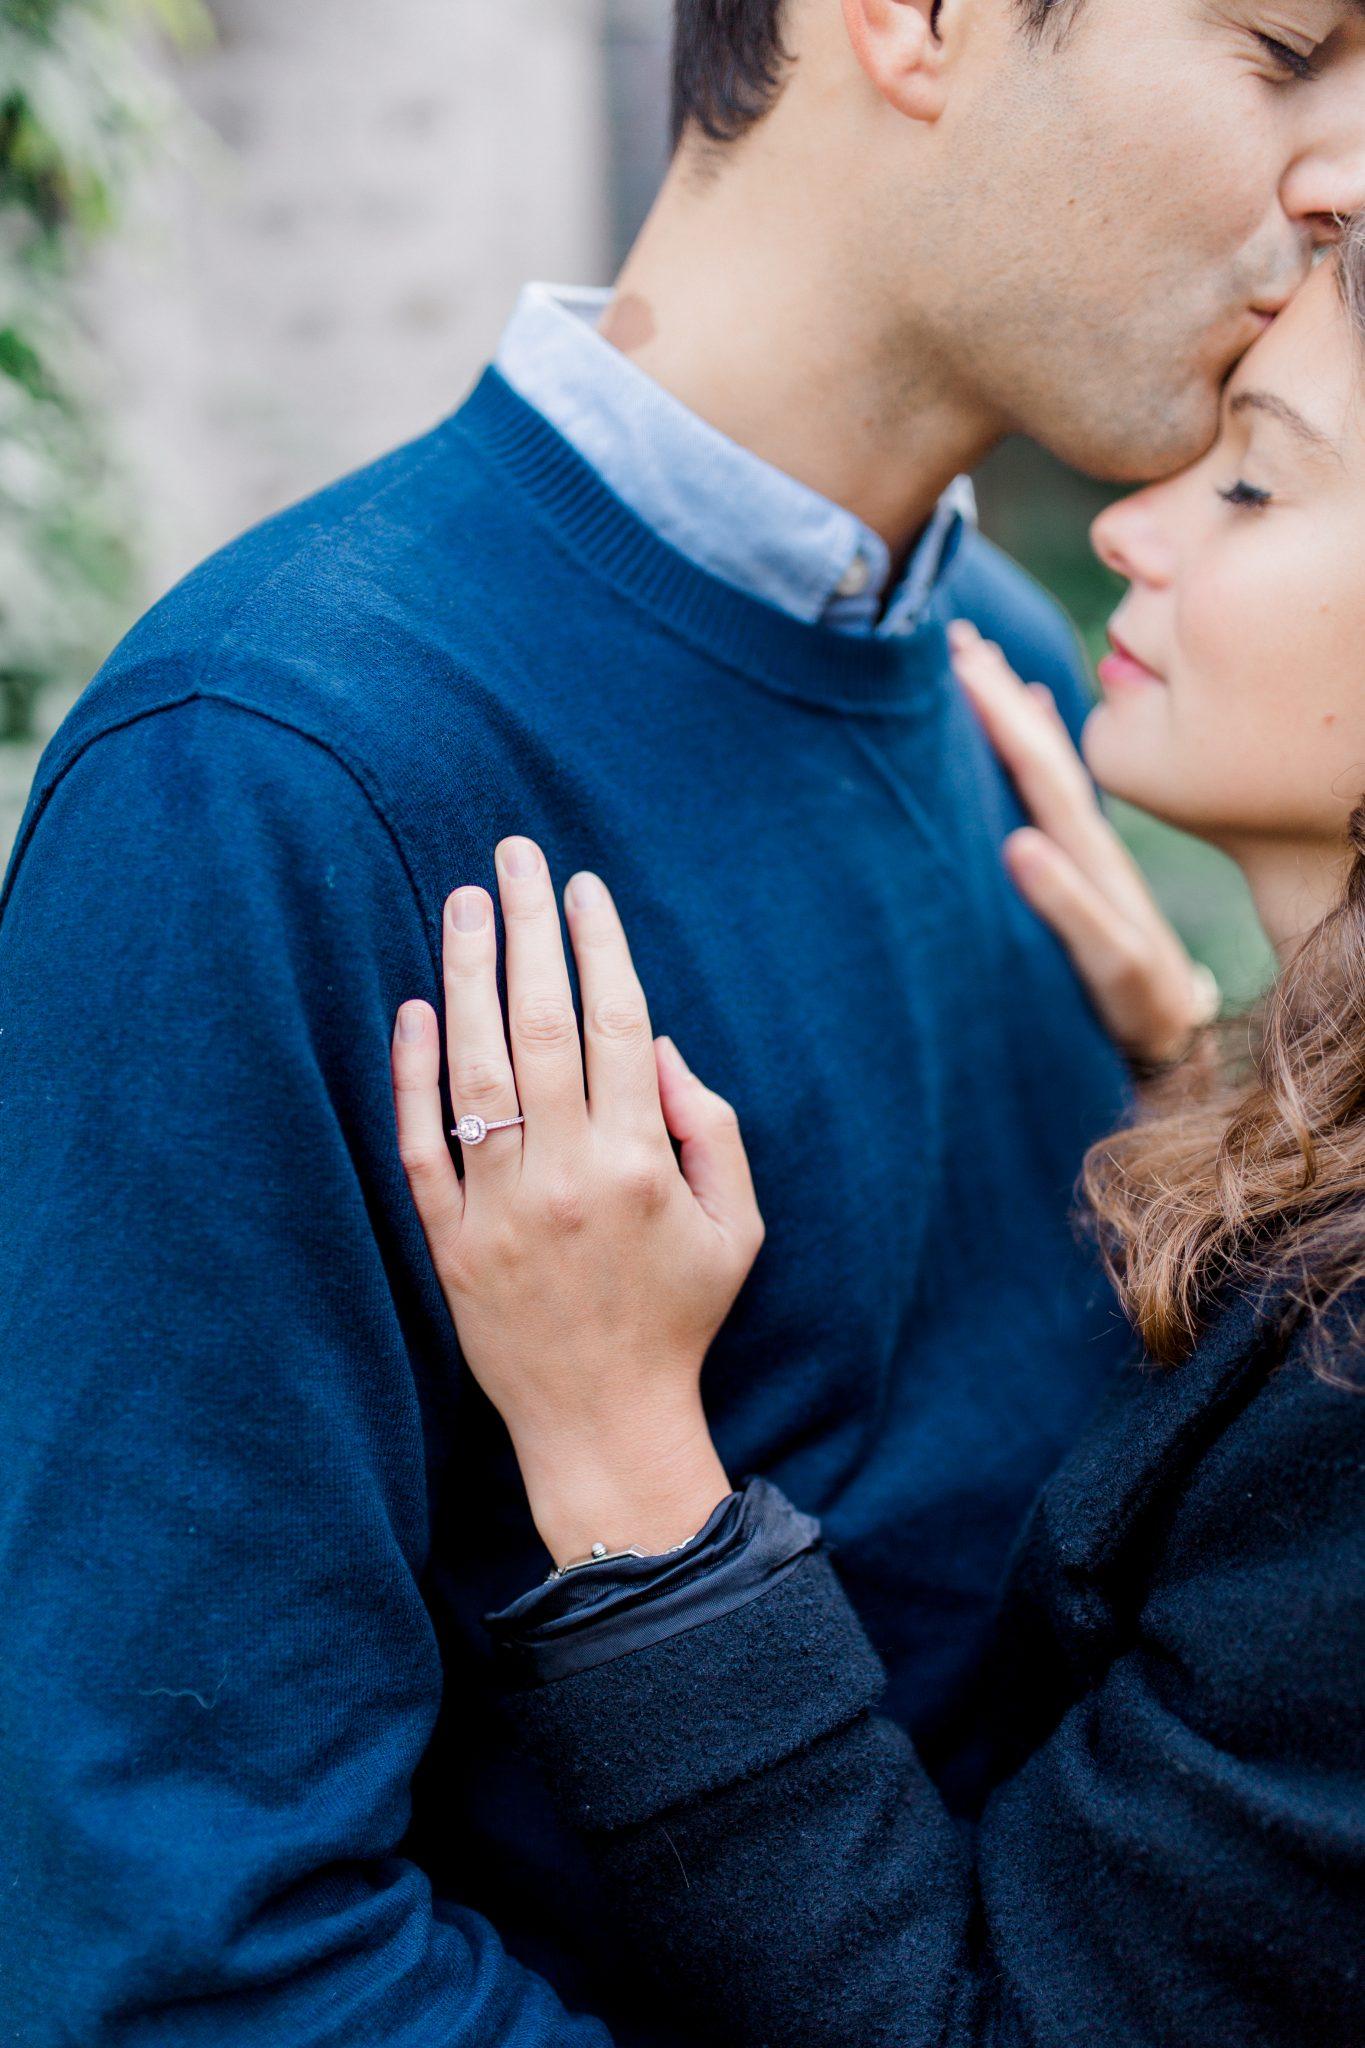 photographe mariage famille portrait lifestyle Paris Fontainebleau